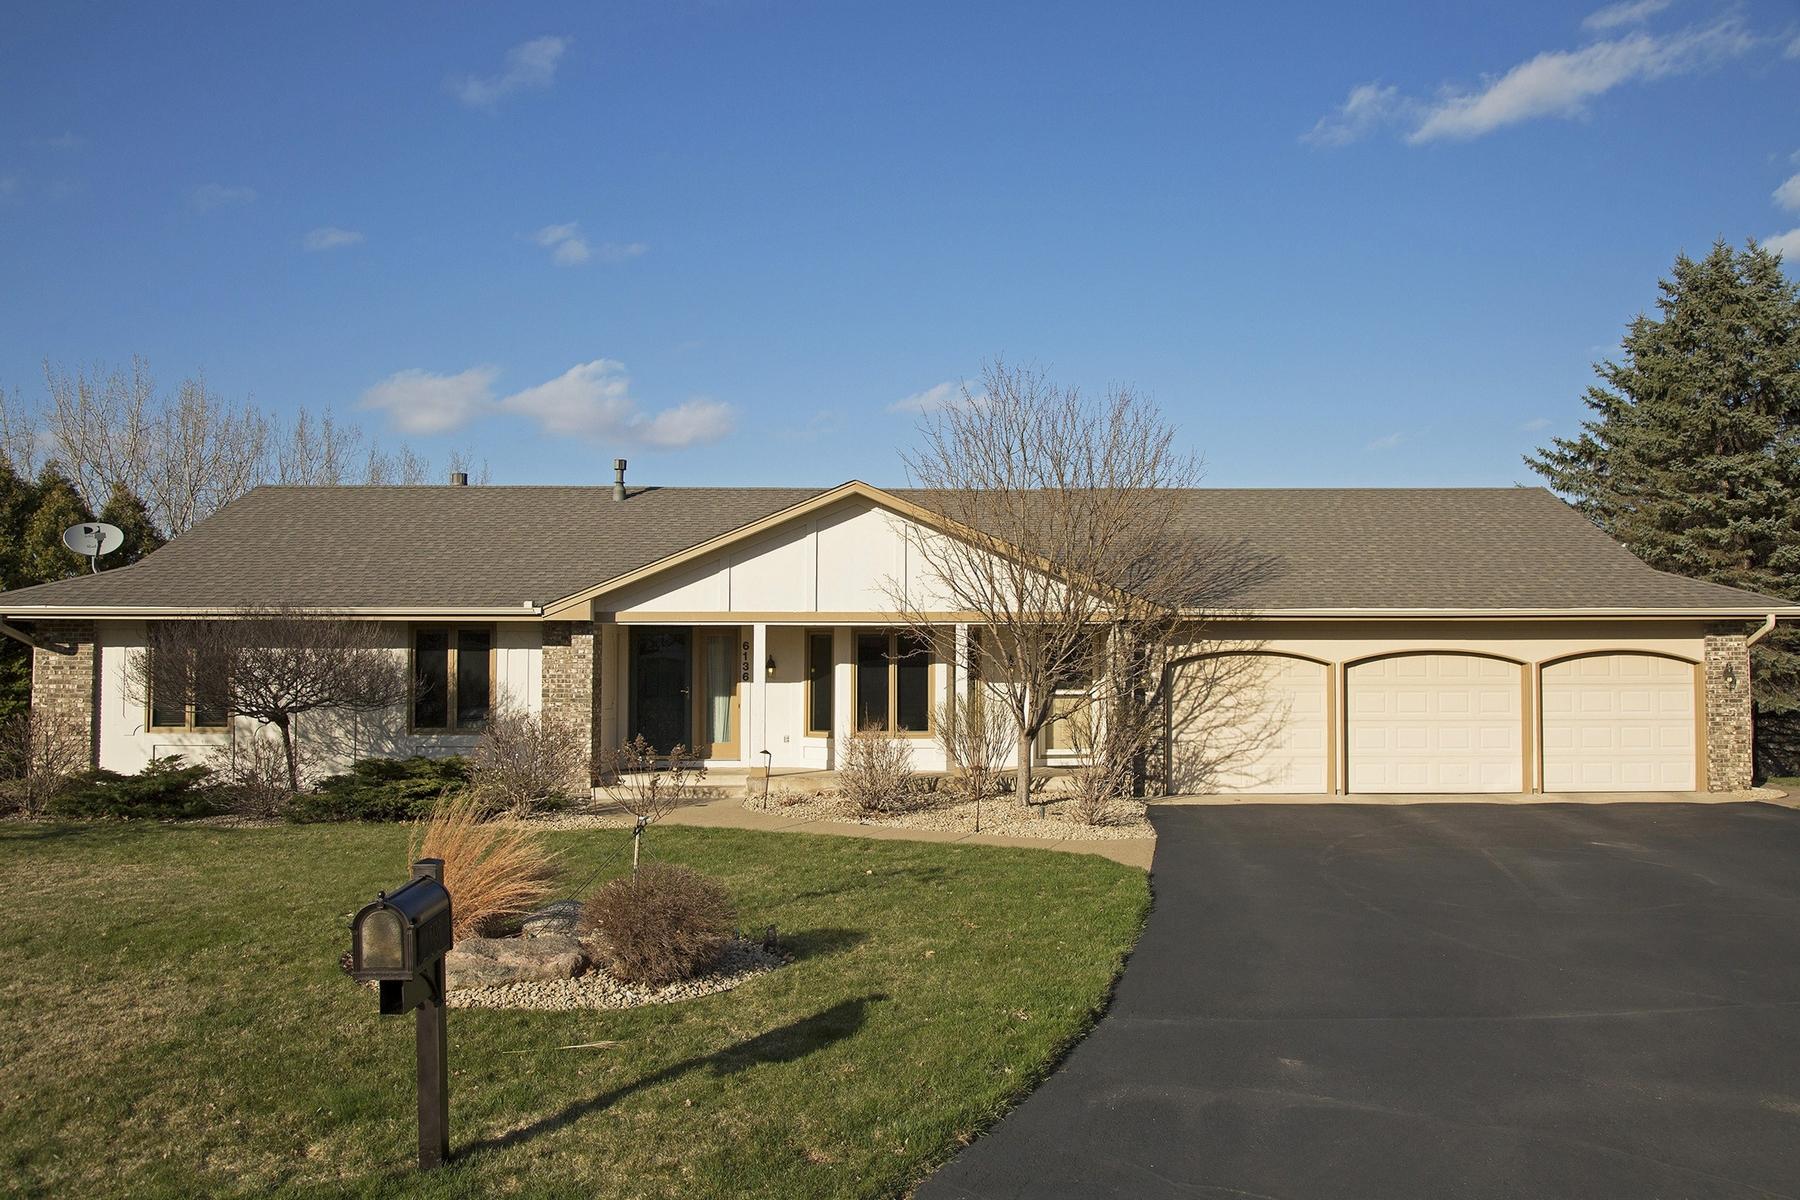 独户住宅 为 销售 在 6136 Arctic Way 伊代纳, 明尼苏达州, 55436 美国